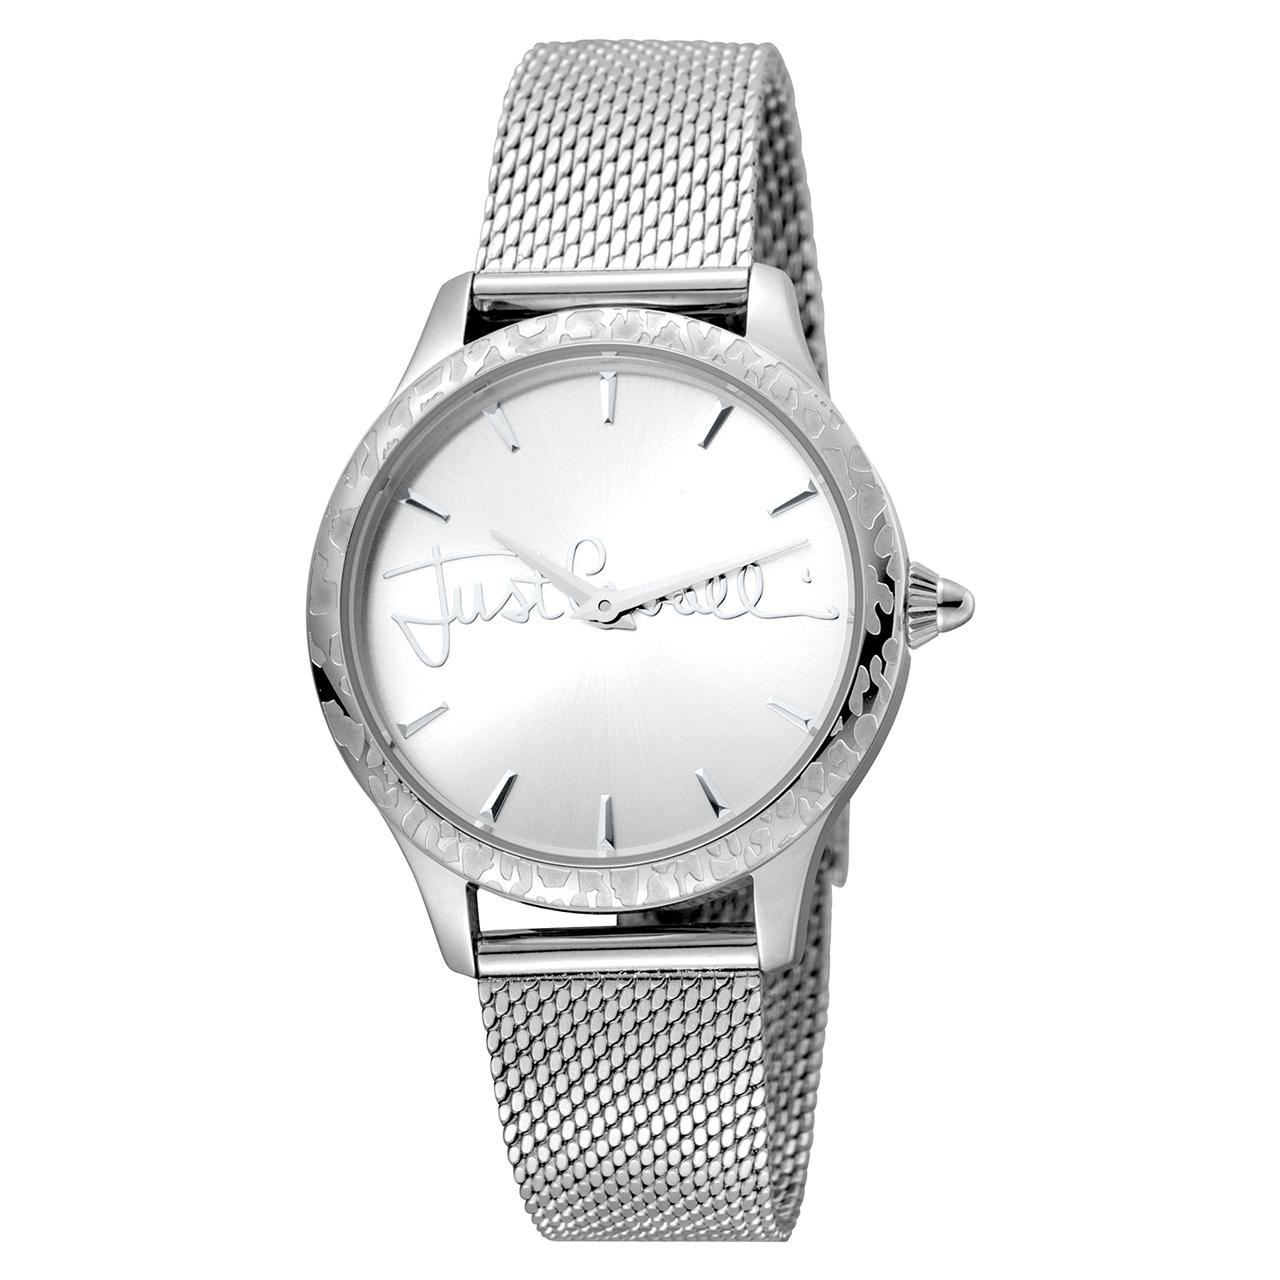 ساعت زنانه برند جاست کاوالی مدل JC1L023M0065